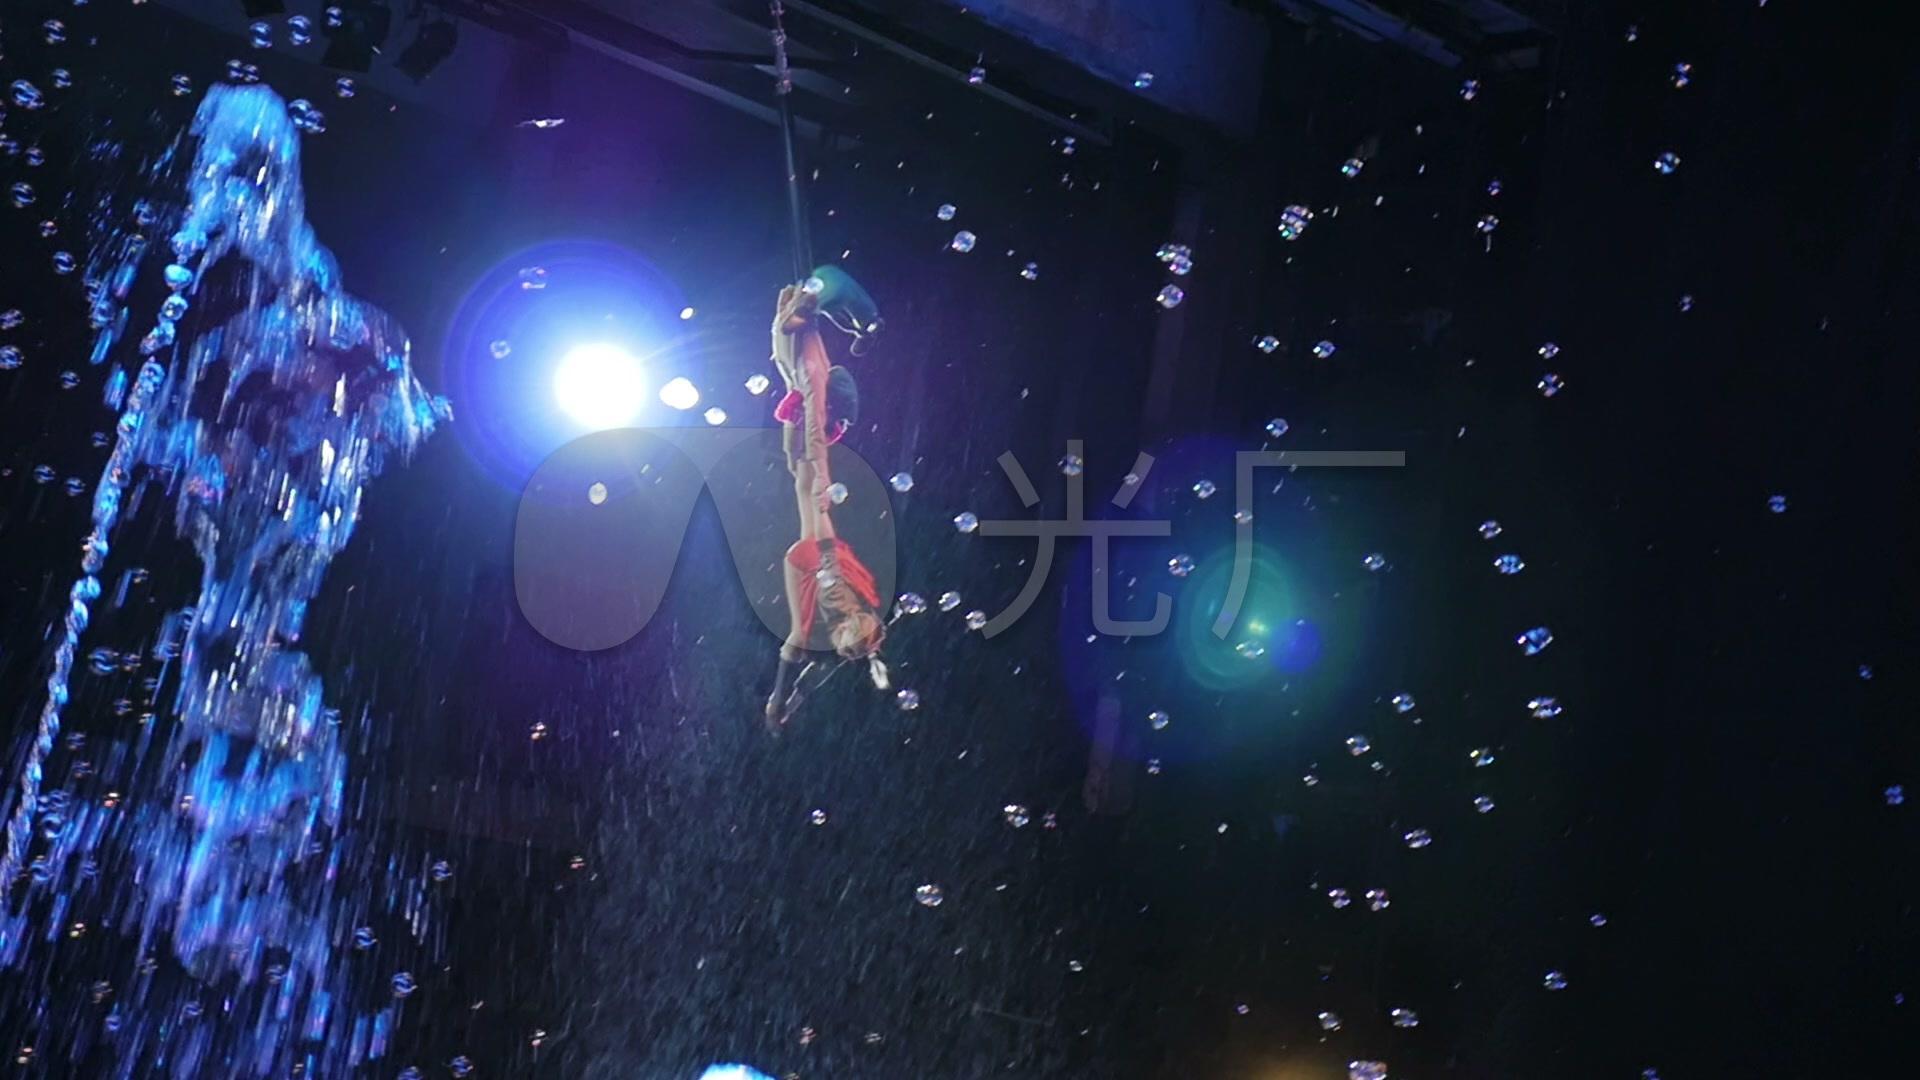 马戏团v视频马戏团嘉年华视频_1920X1080_高电杂技模数图片